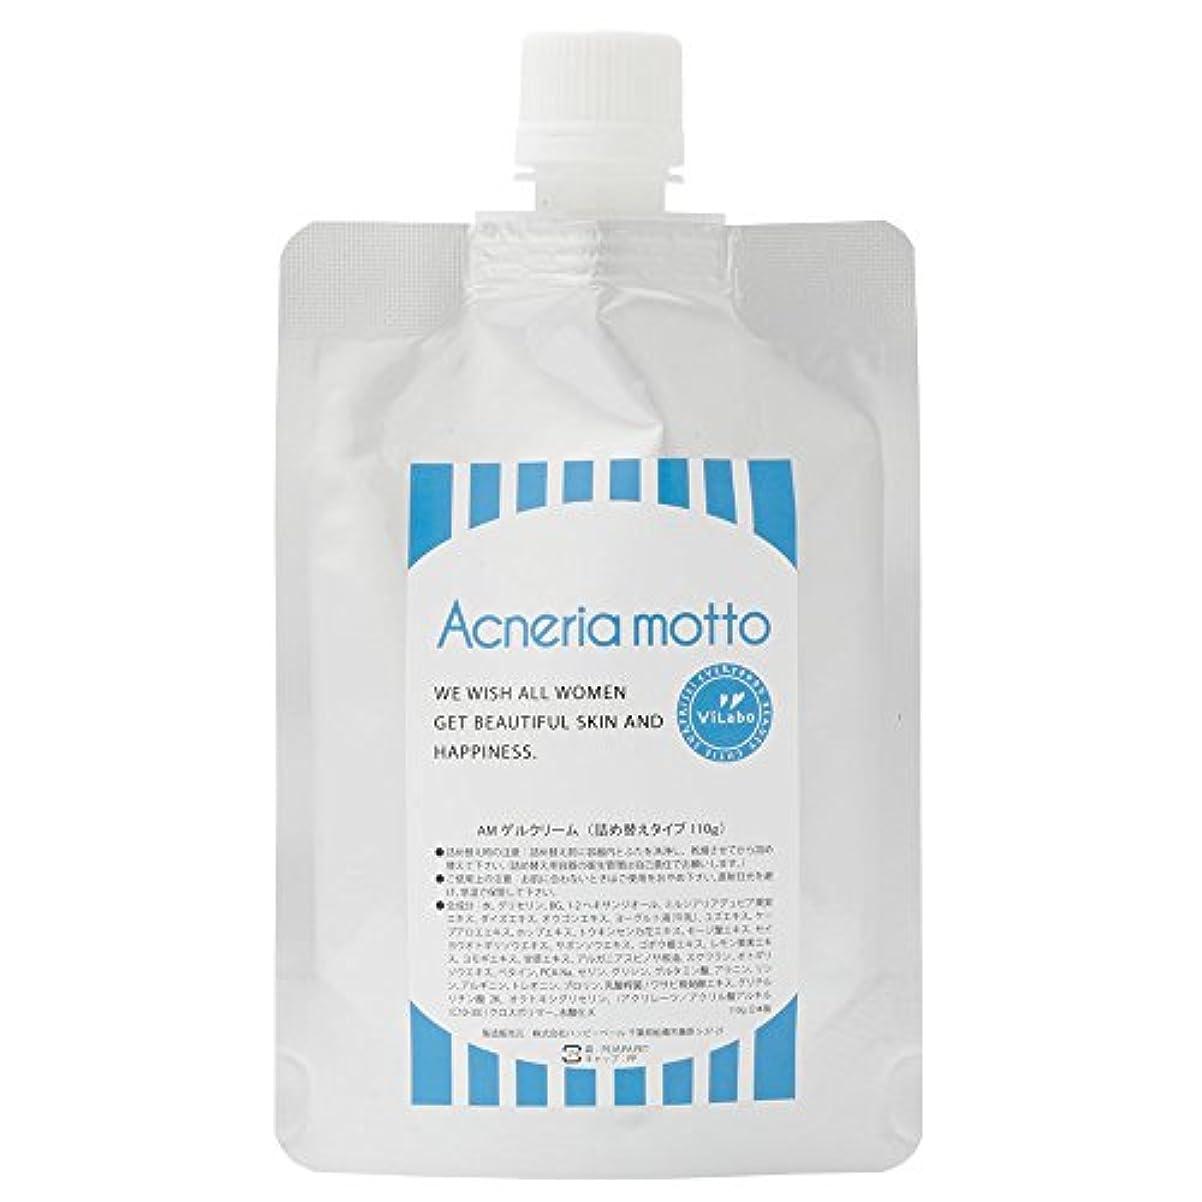 服を洗う勝者ツインViLabo アクネリアモットゲルクリーム (AMゲルクリーム) 110g 詰め替え用パウチ ビラボ